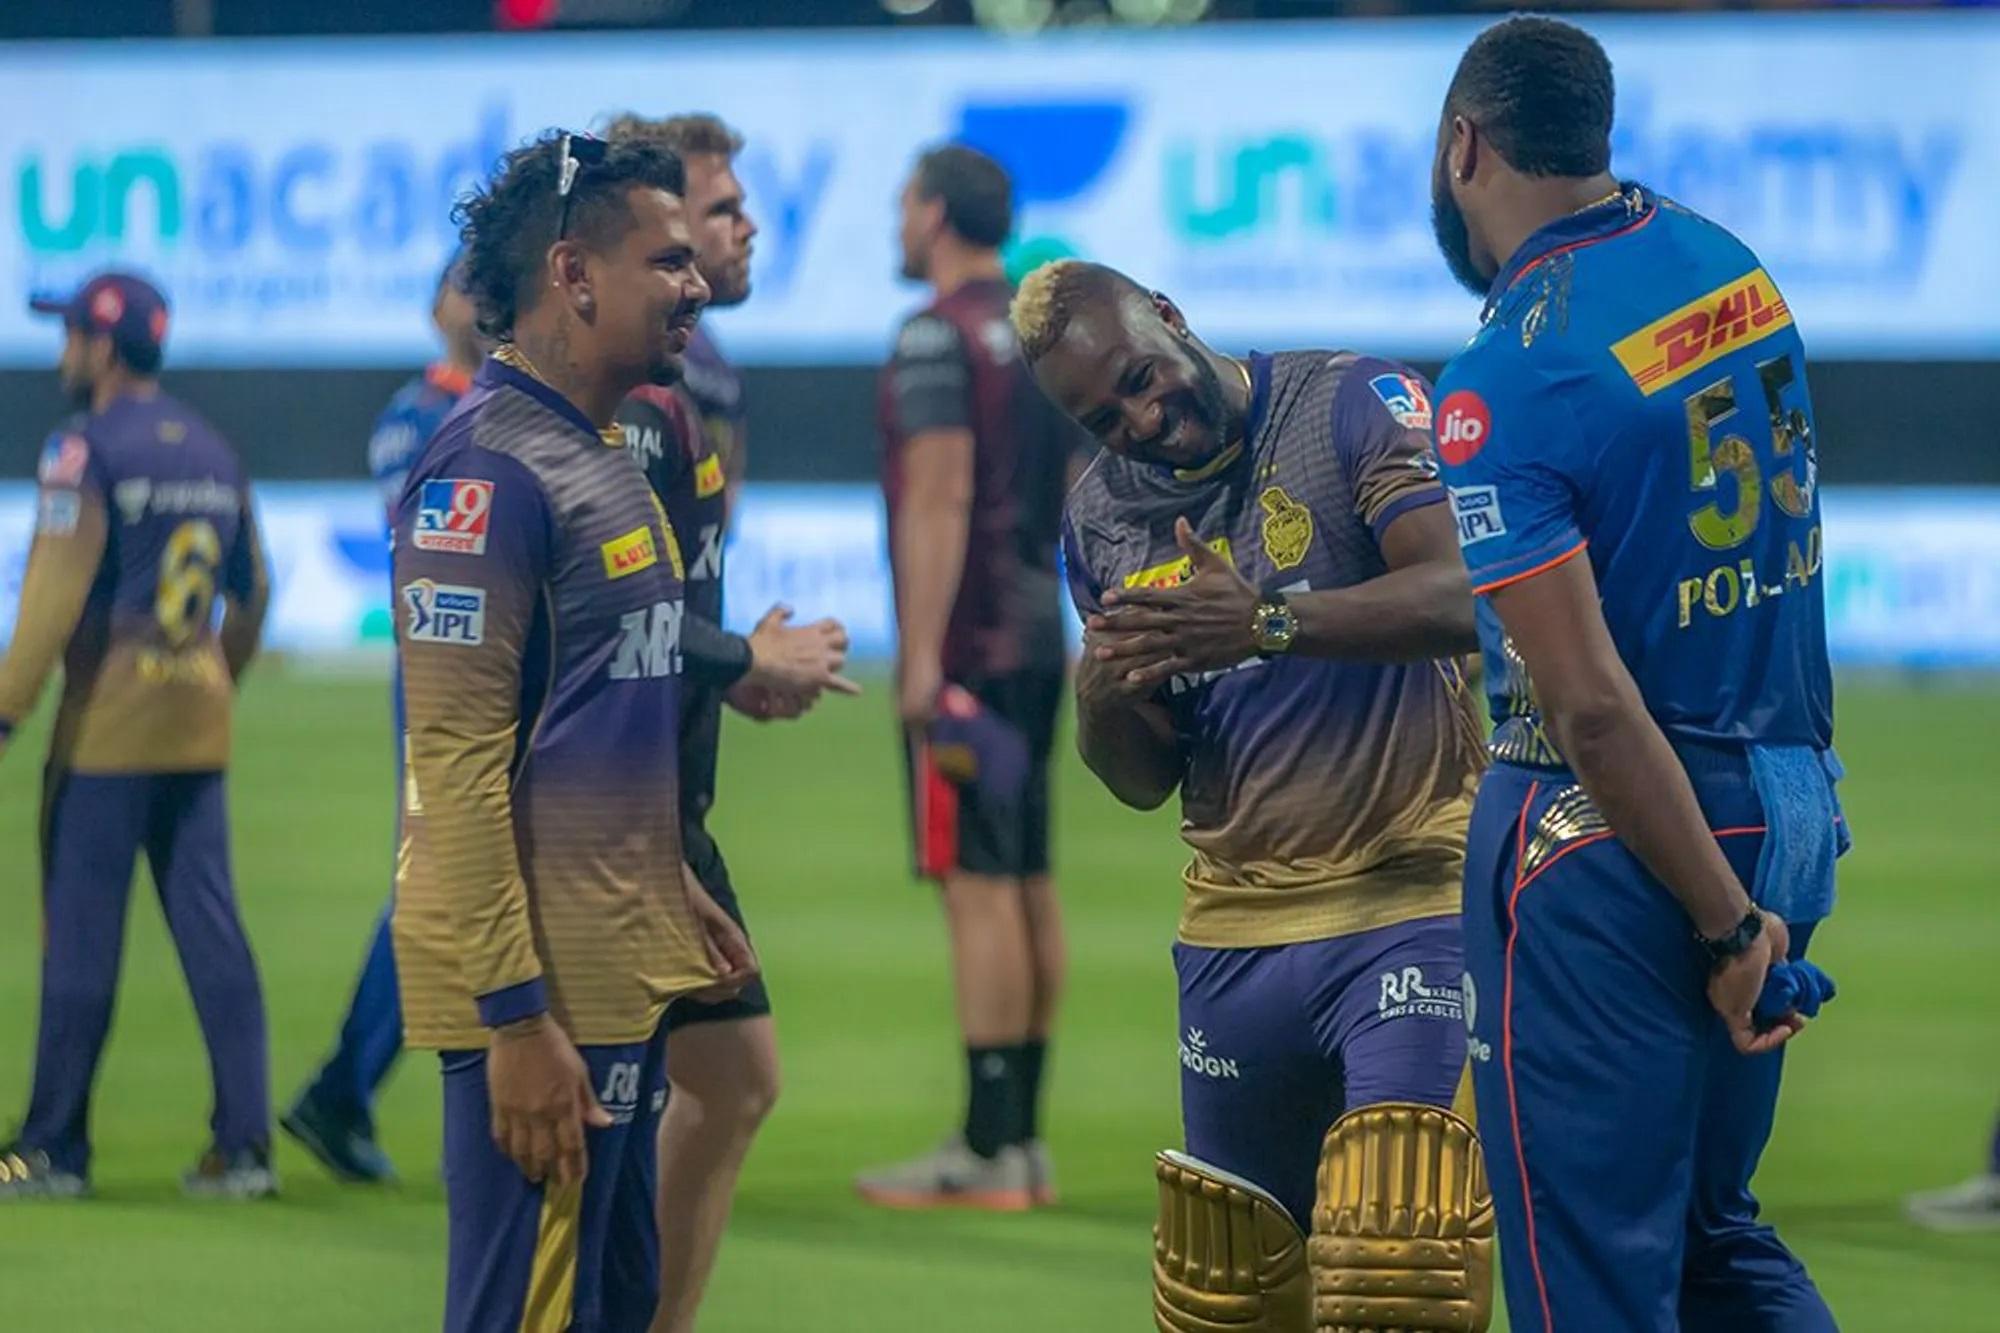 हालांकि मैच के बाद रसेल और पोलार्ड को एक-दूसरे के साथ हंसी-मजाक करते हुए भी देखा गया।